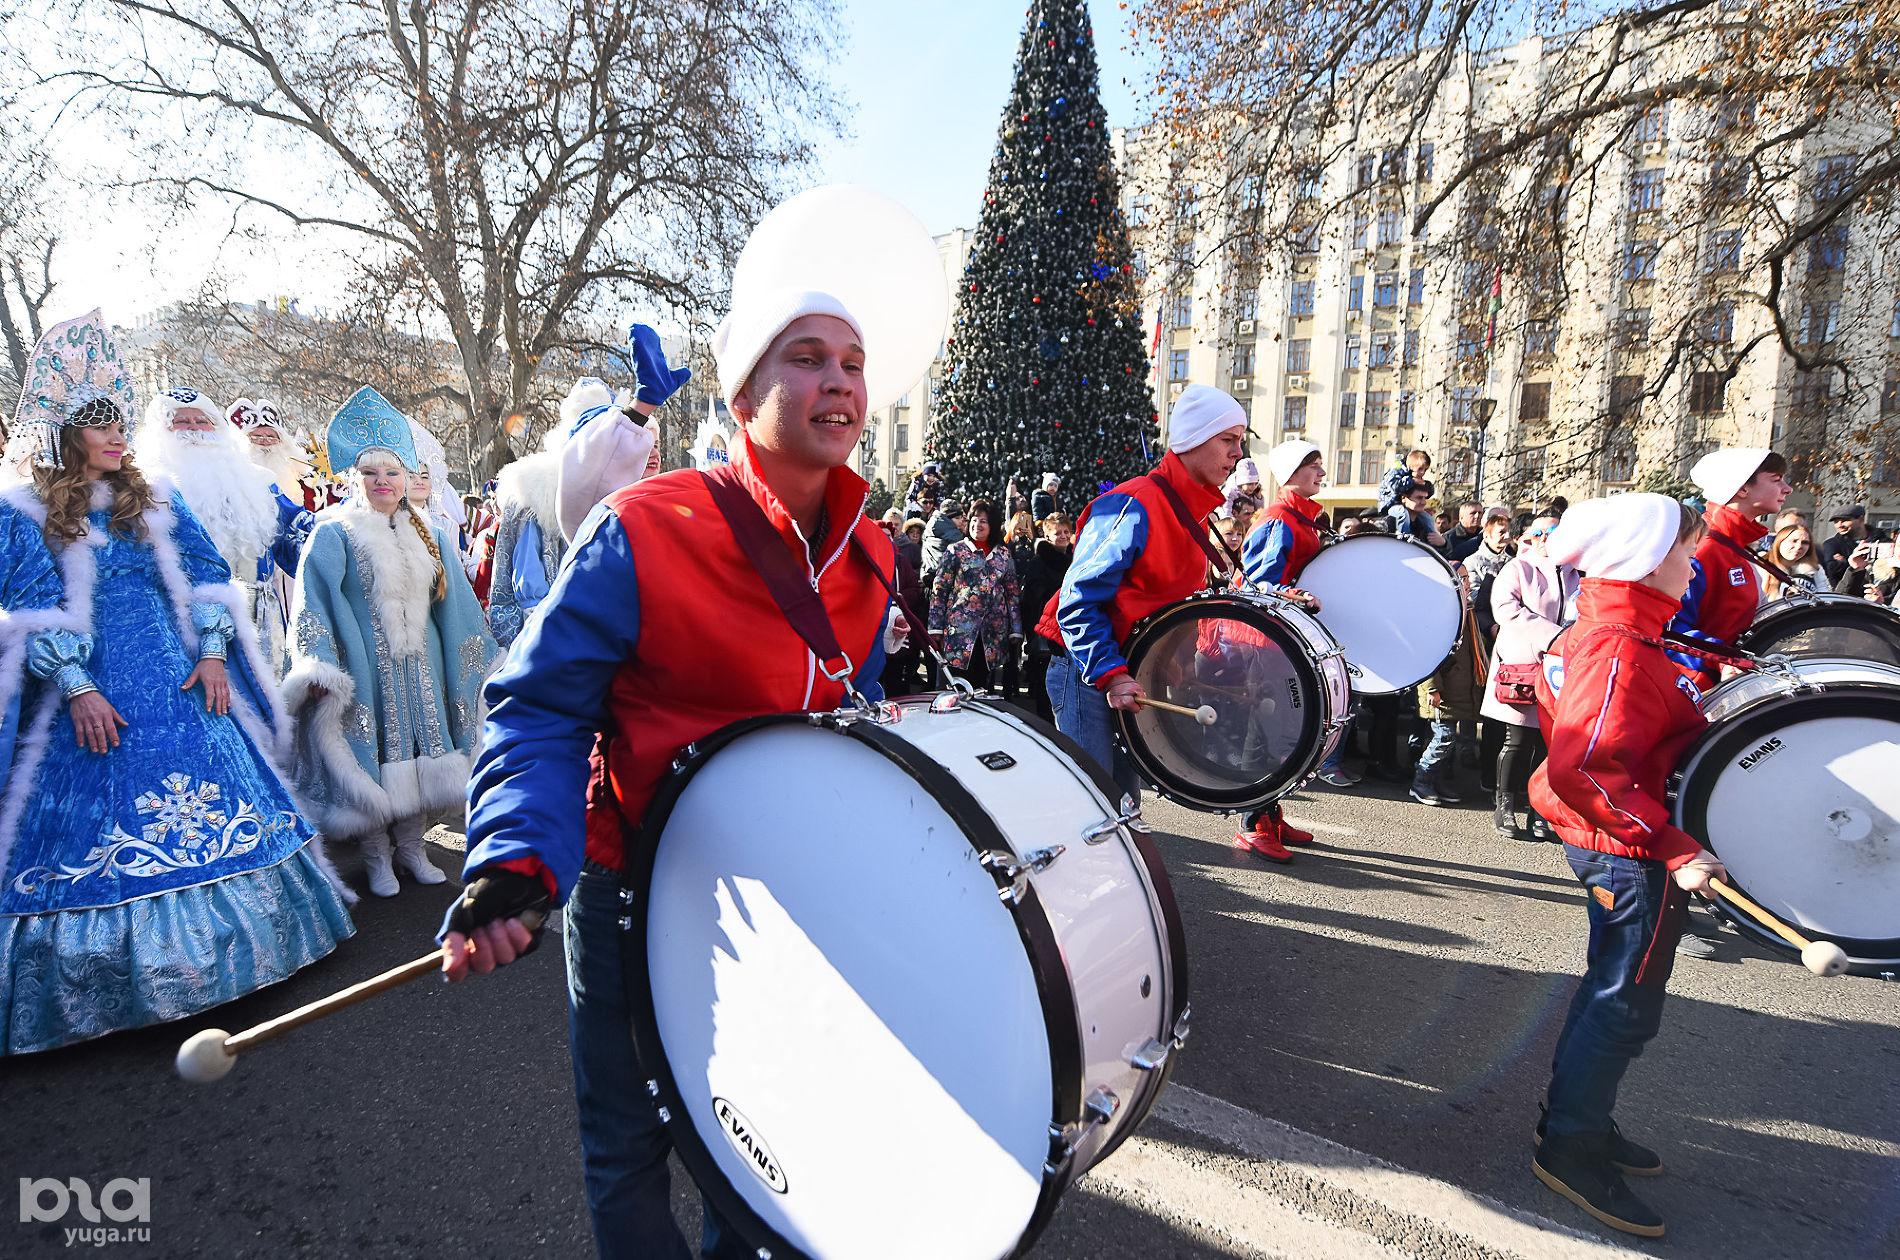 Парад Дедов Морозов, декабрь 2019 года ©Фото Елены Синеок, Юга.ру